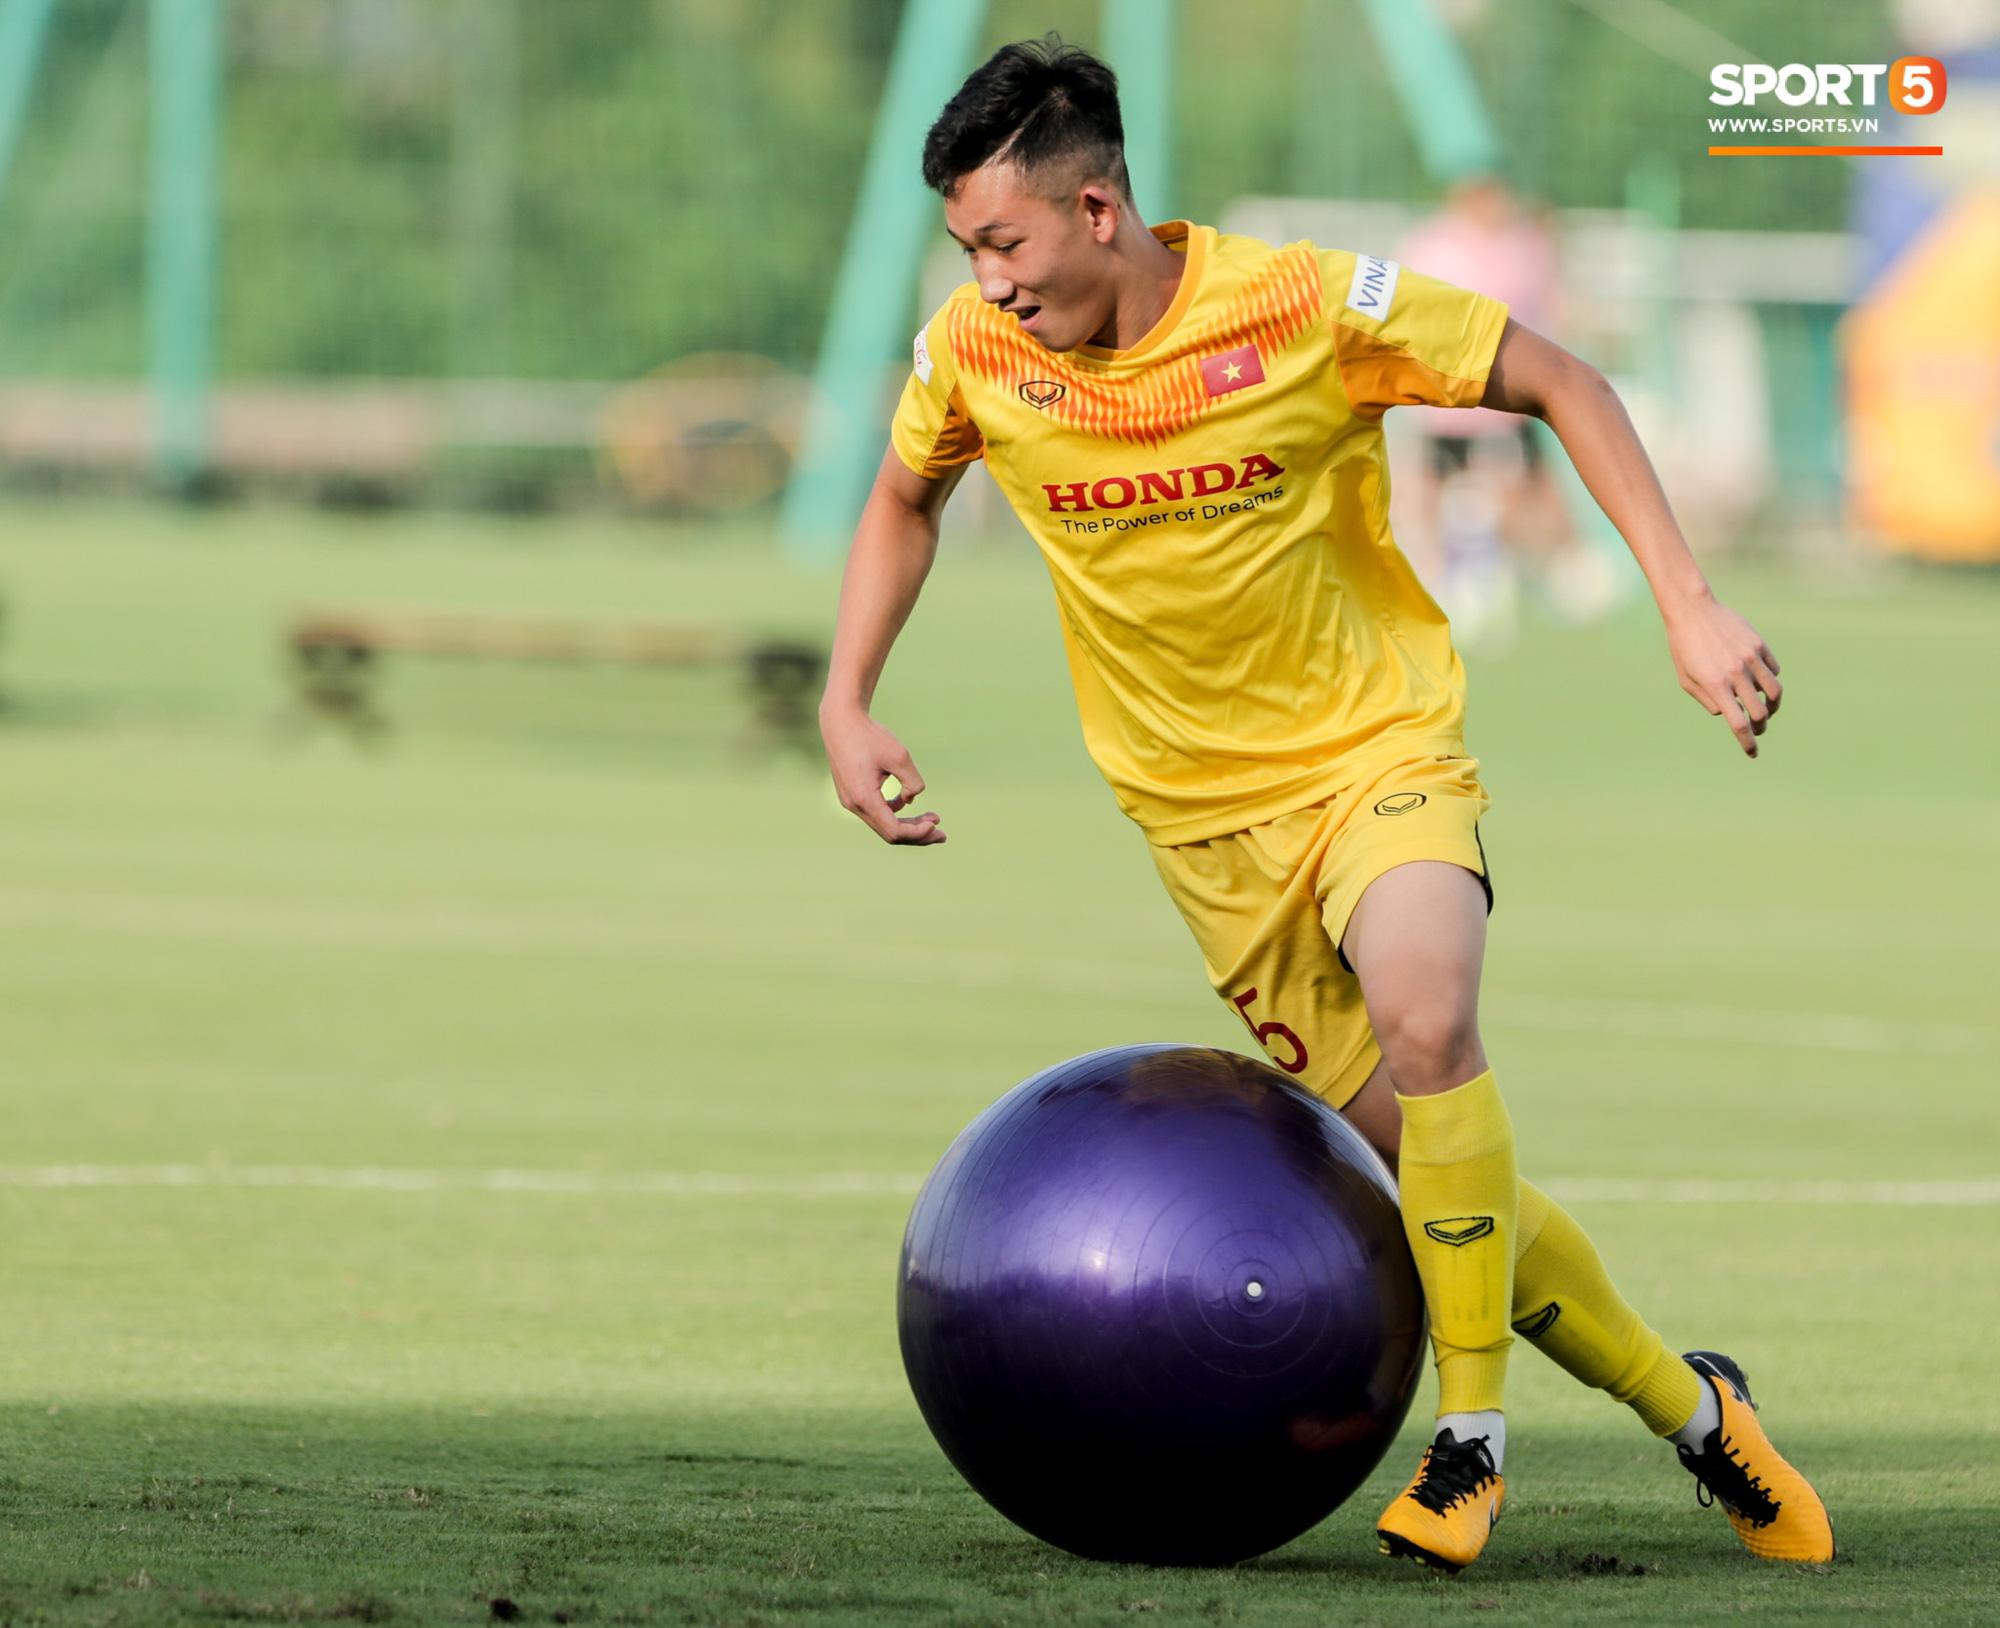 Điểm danh những gương mặt mới nổi của đội tuyển Việt Nam dưới thời HLV Park Hang-seo - ảnh 16